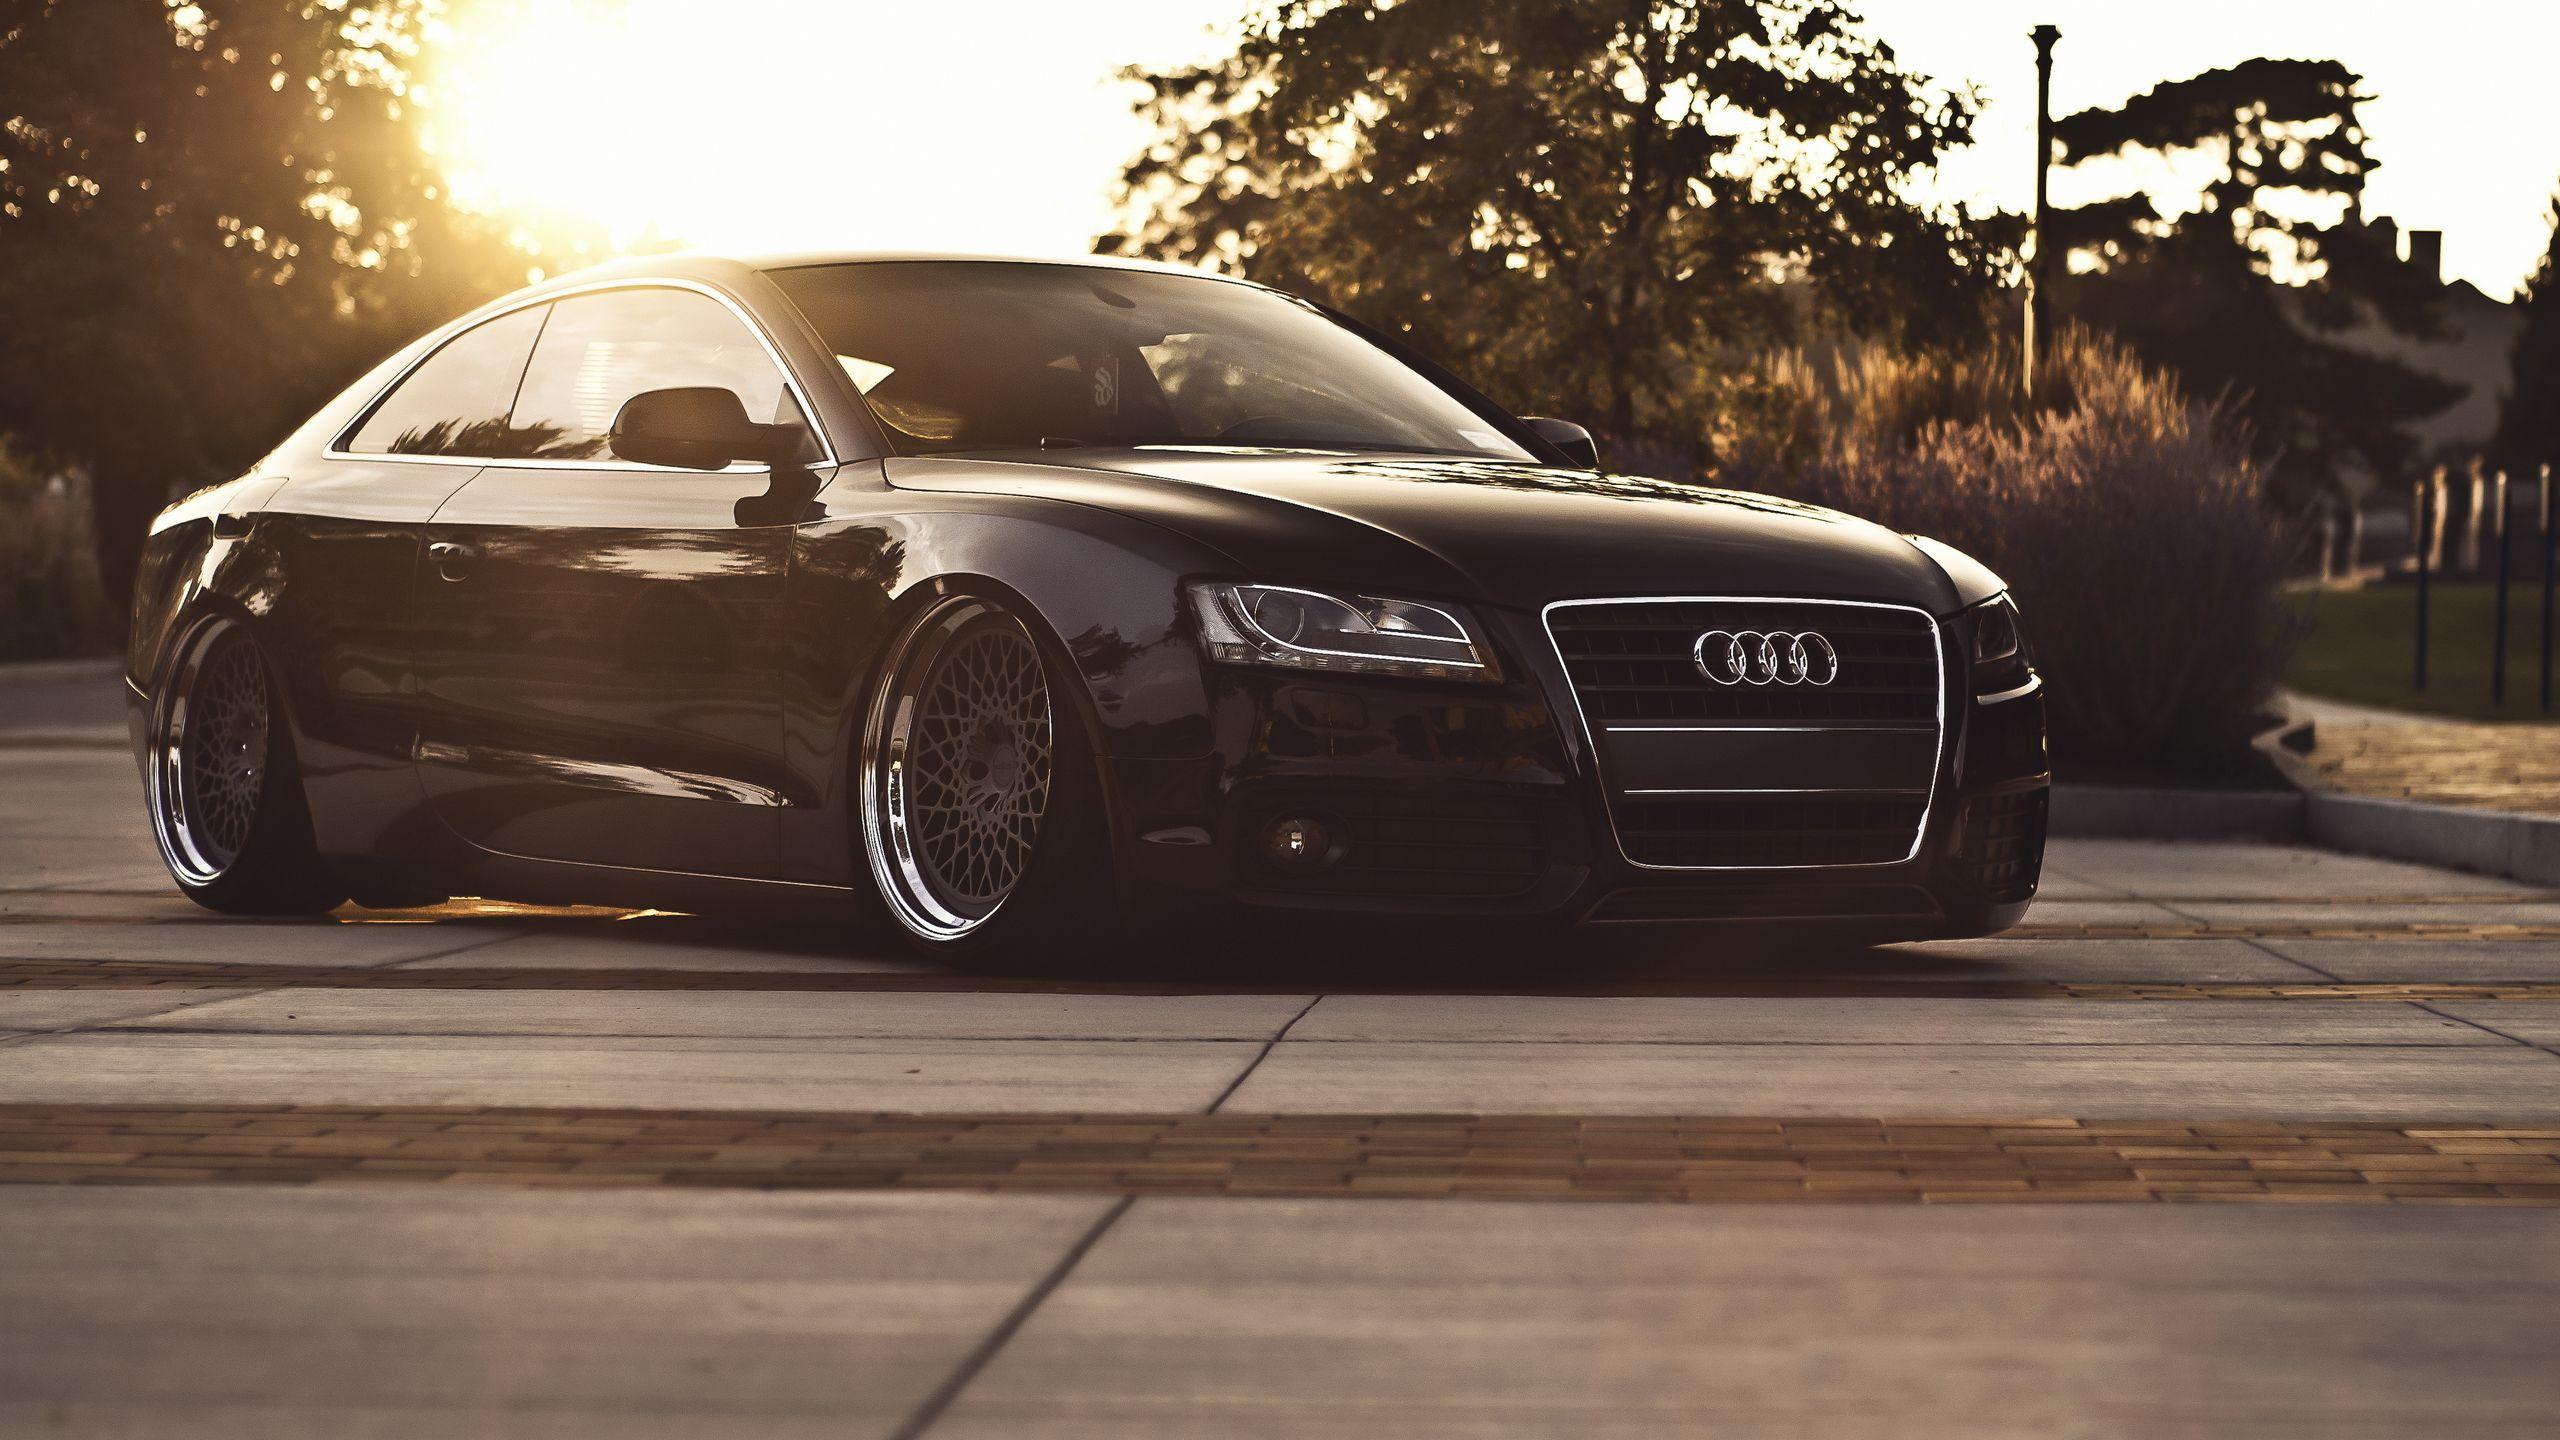 Fond Ecran Audi A5 Fond D Ecran Hd